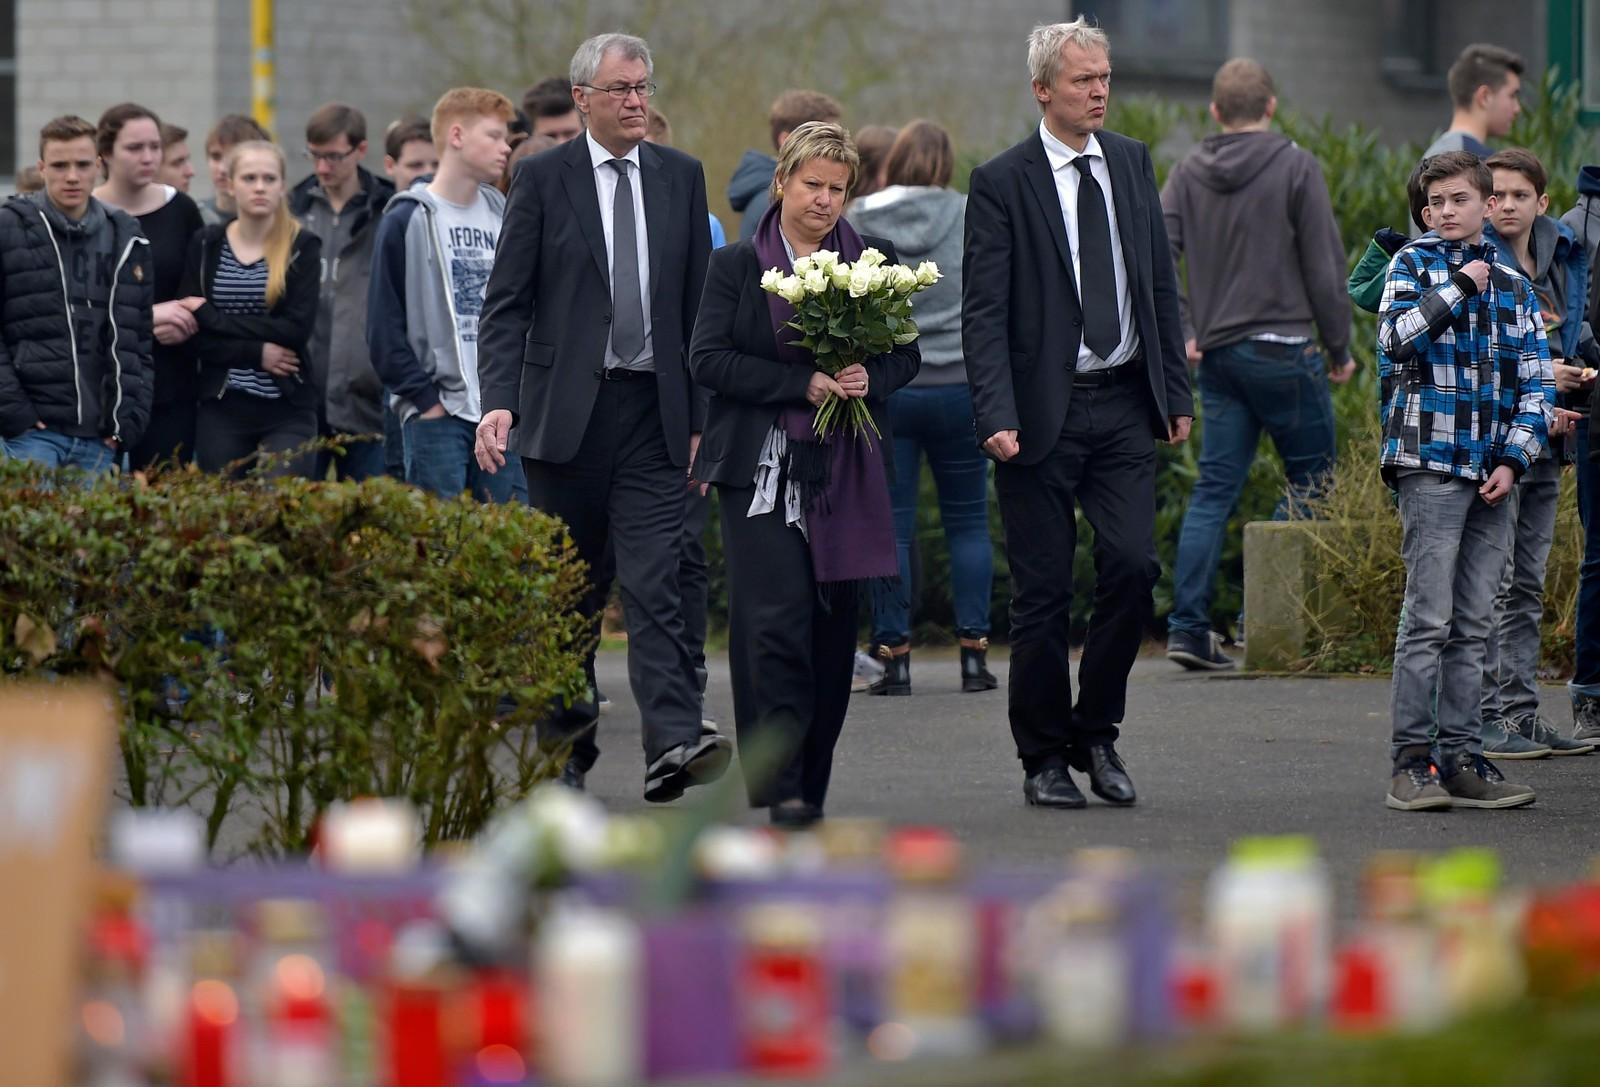 Utdanningsministeren i Nordrhein-Westfalen, Sylvia Loehrmann, besøkte skolen i dag. (AP Photo/Martin Meissner)